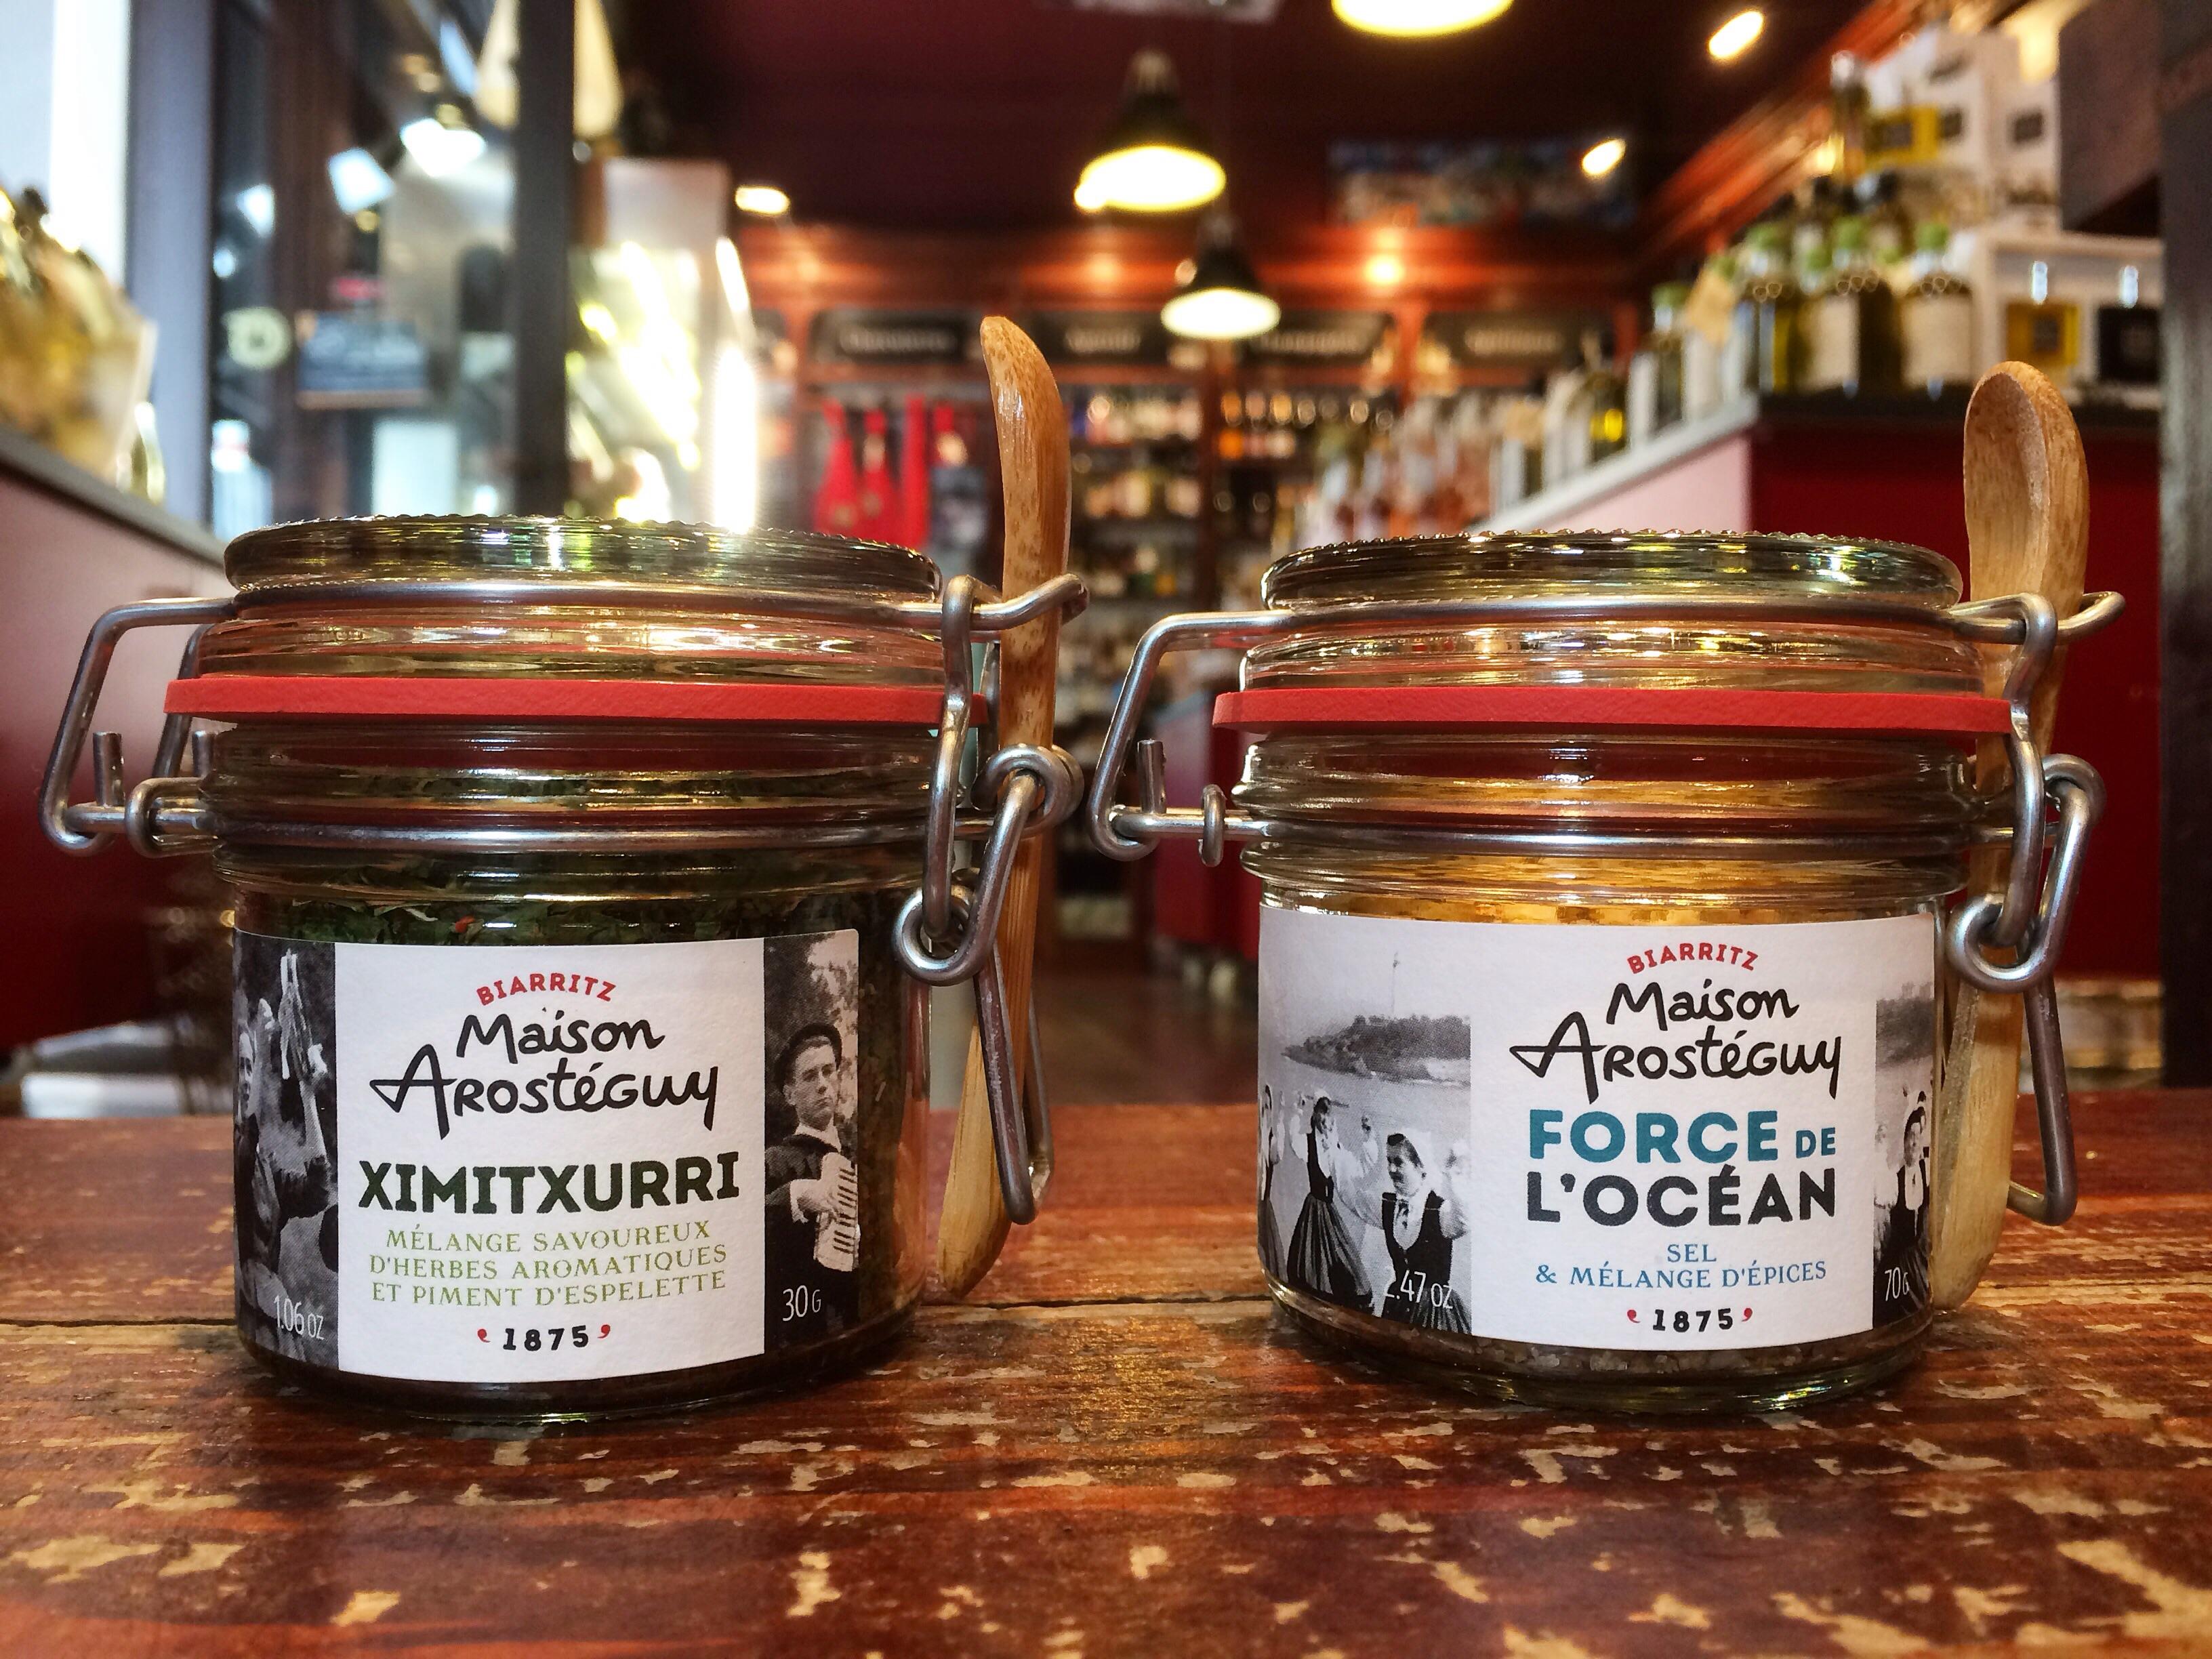 Mélanges d'épices de la maison Arostéguy